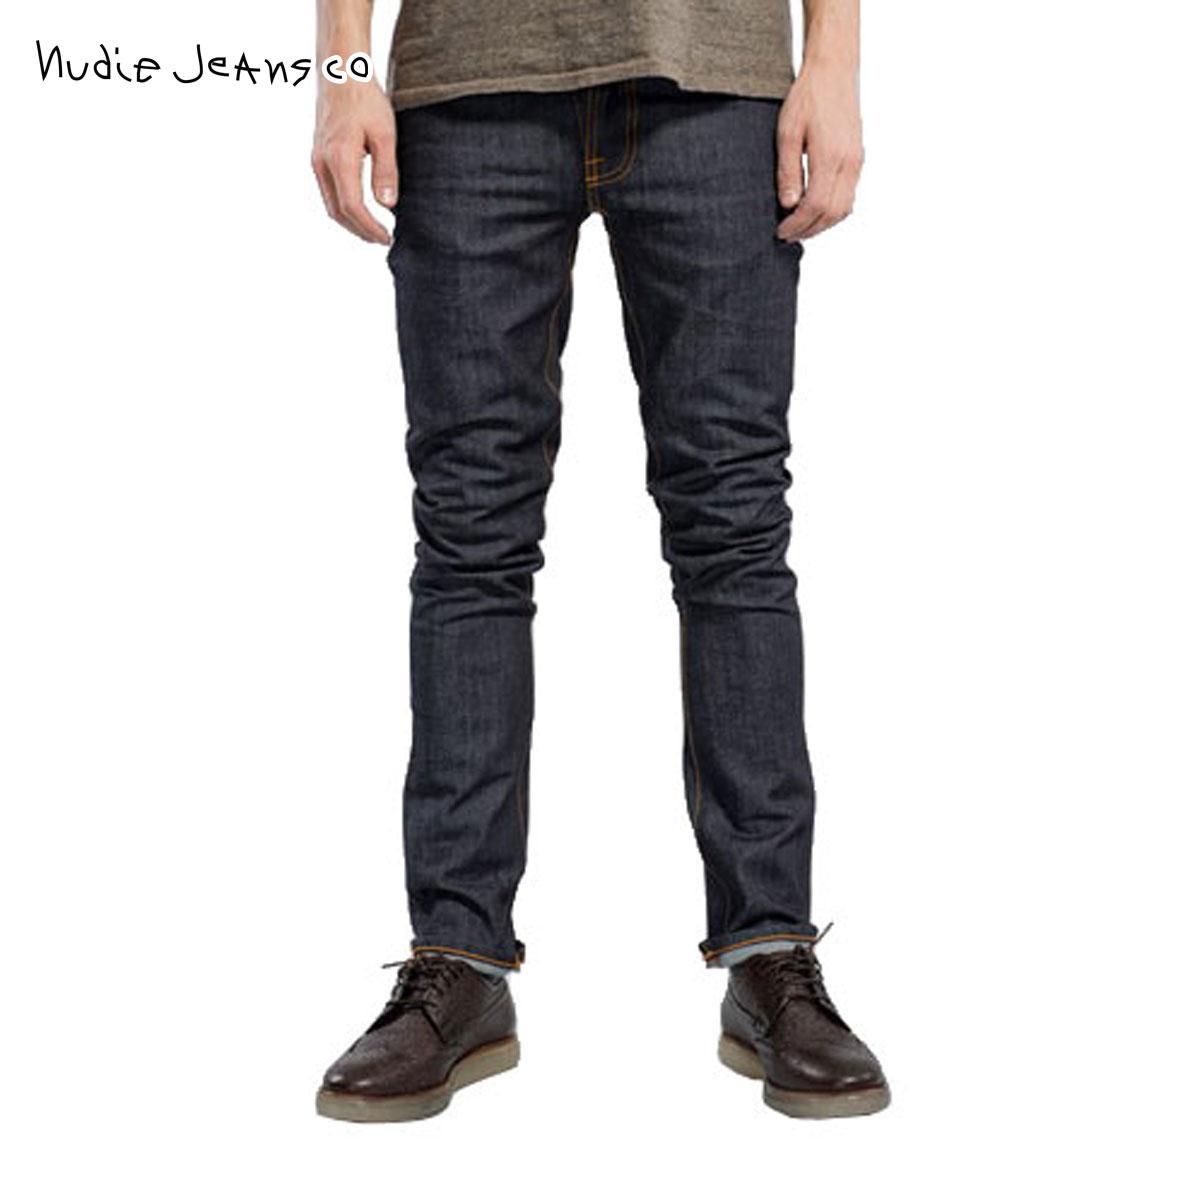 【販売期間 4/2 10:00~4/8 09:59】 ヌーディージーンズ Nudie Jeans 正規販売店 メンズ ジーンズ Grim Tim 054 Dry Navy 054 1113040 D15S25